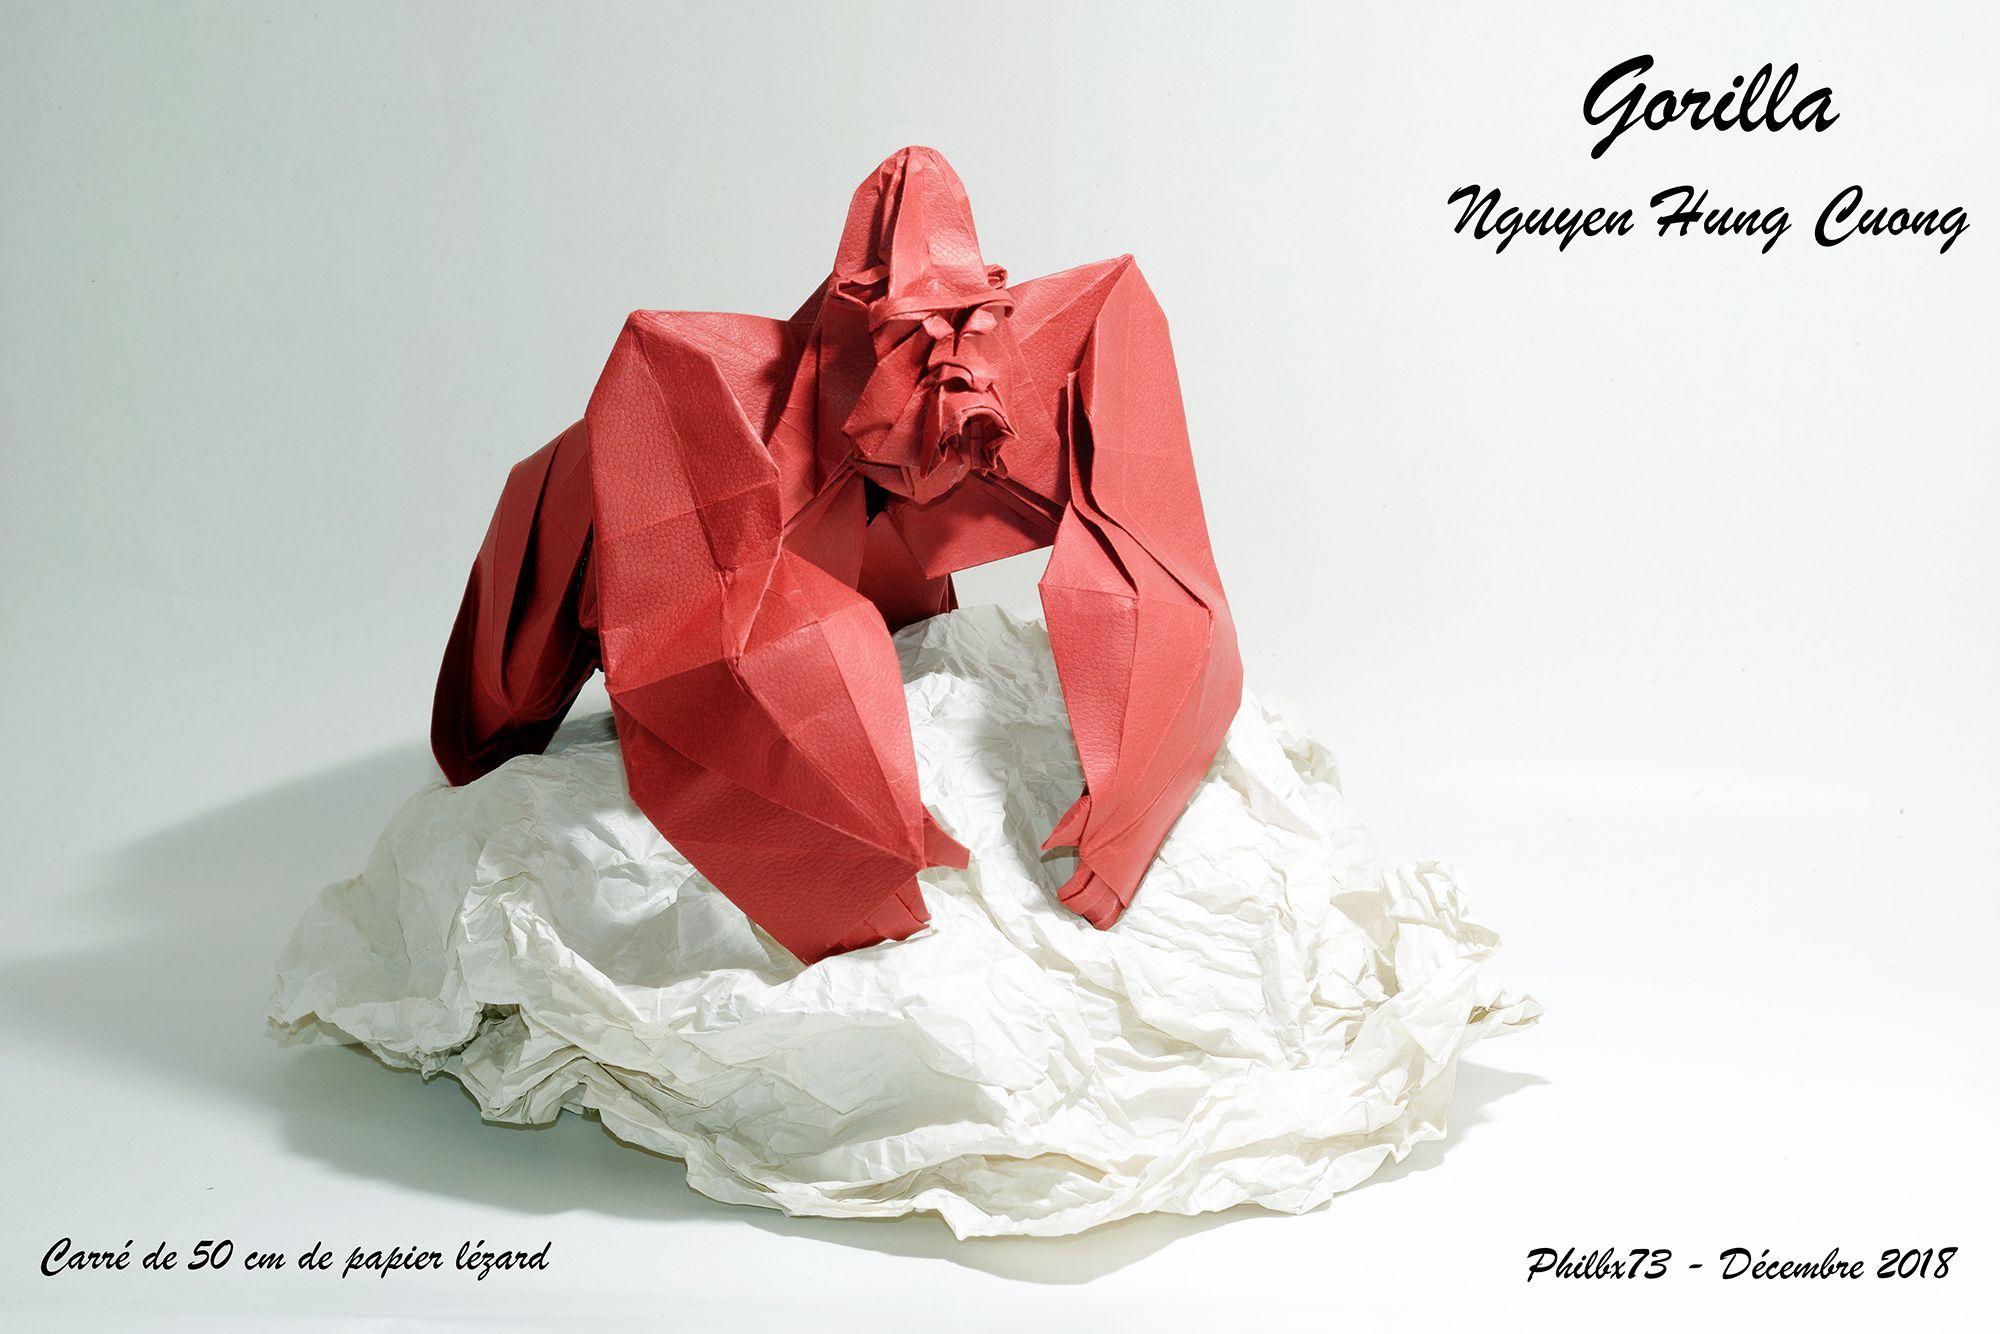 Gorilla De Nguyen Hung Cuong Nguyen Hung Origami Hanging